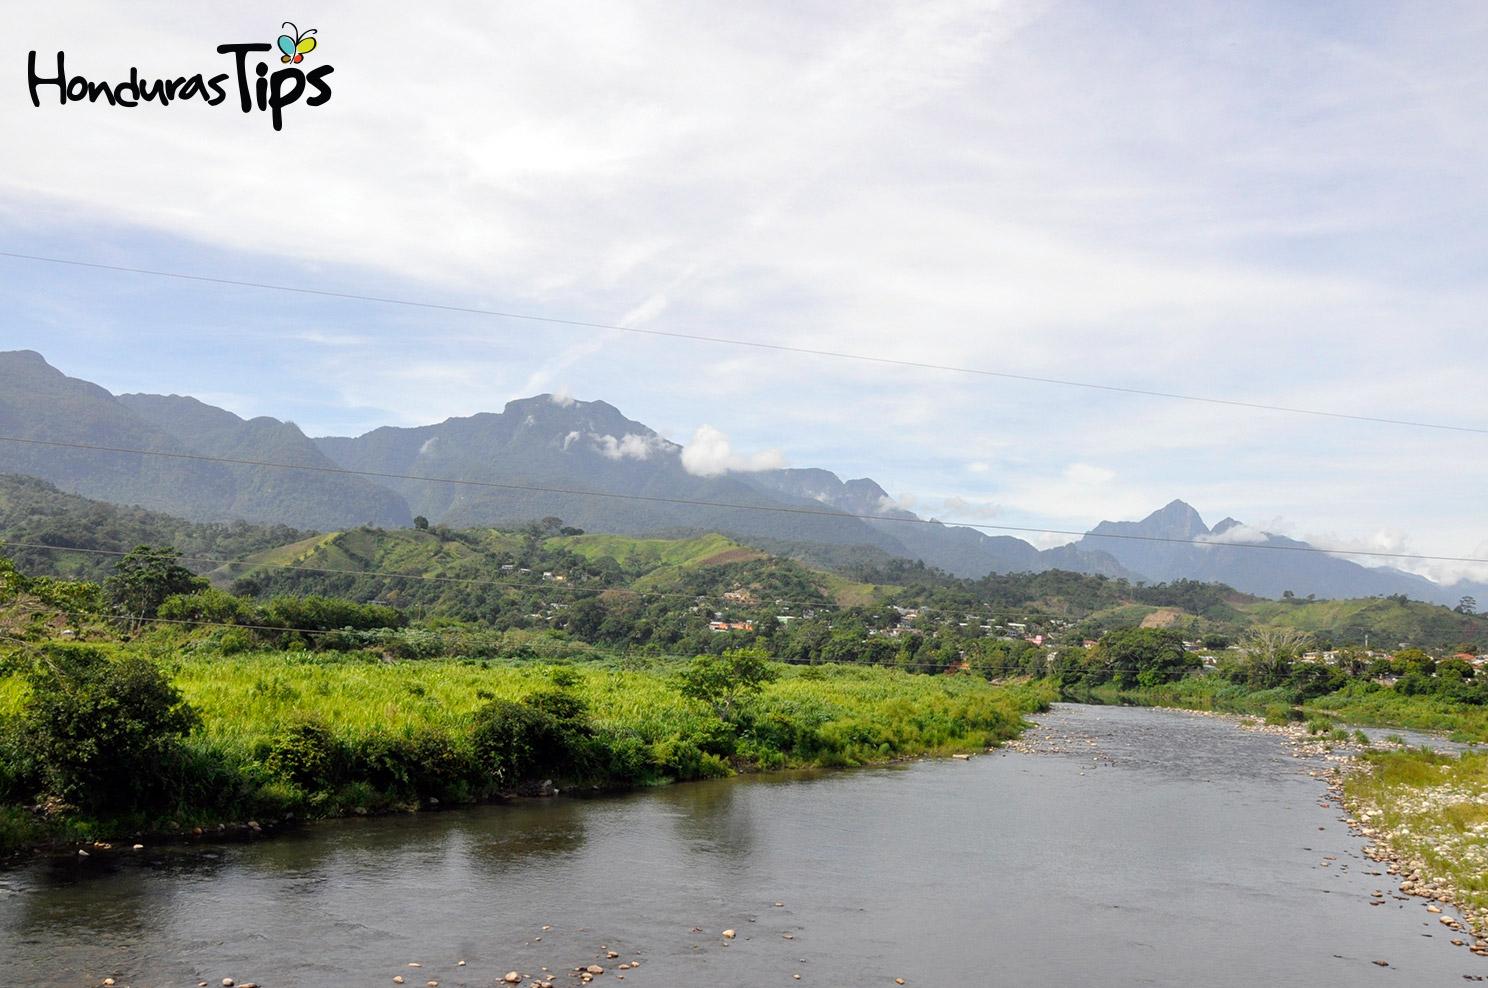 La vista del río Cangrejal sobre el puente de Saopín dio la despedida de los viajeros que desde La Ceiba se dirigían hacia Trujiillo.